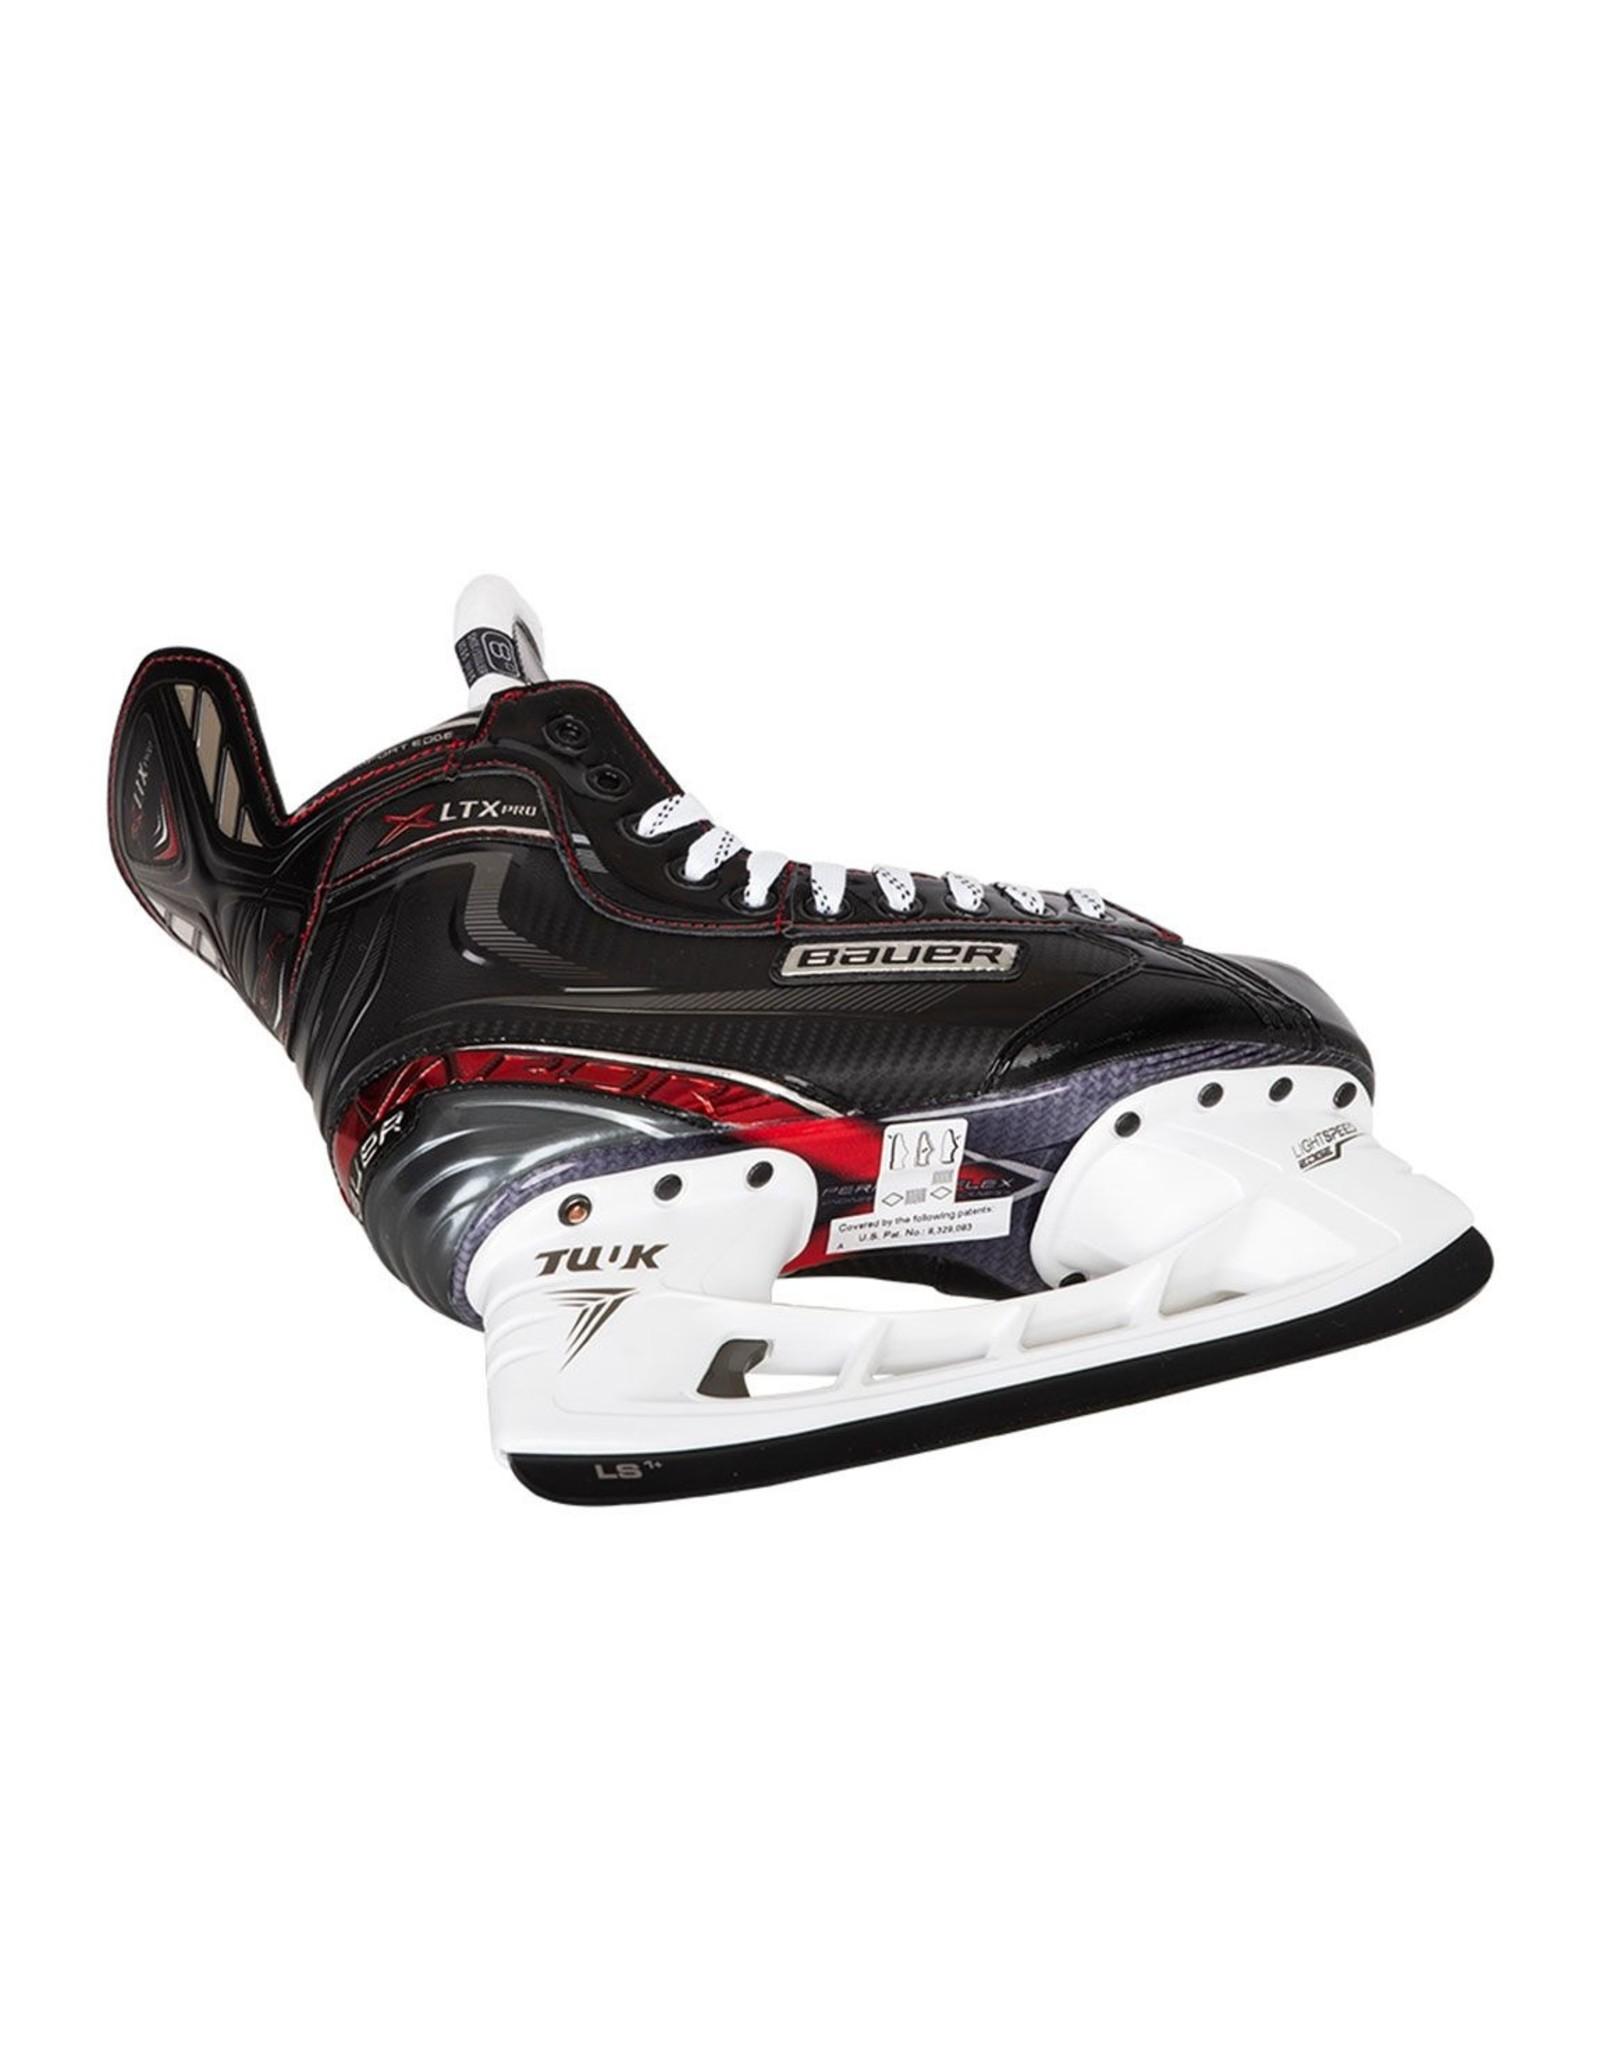 Bauer Hockey - Canada BAUER VAPOR XLTX PRO SKATE '19 - SR